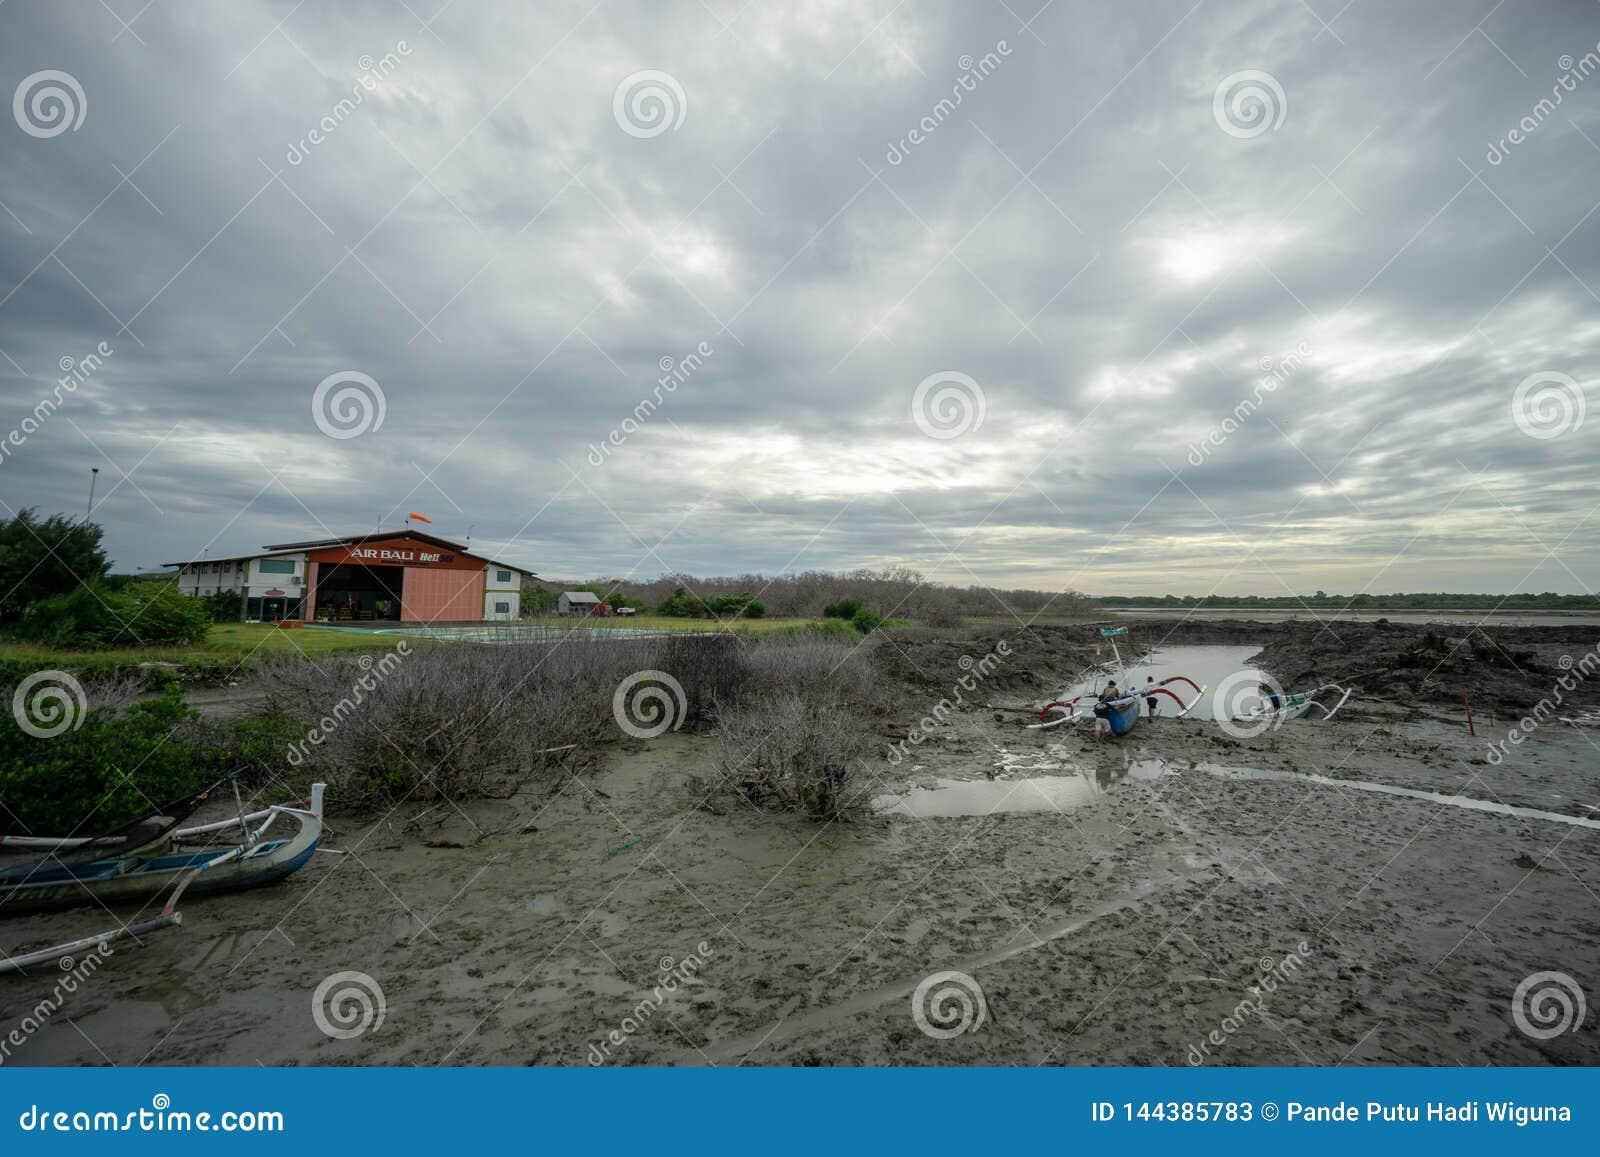 BADUNG, BALI/INDONESIA- 8 MARZO 2019: Barca del pescatore attaccata sul fango a causa di bassa marea in Benoa